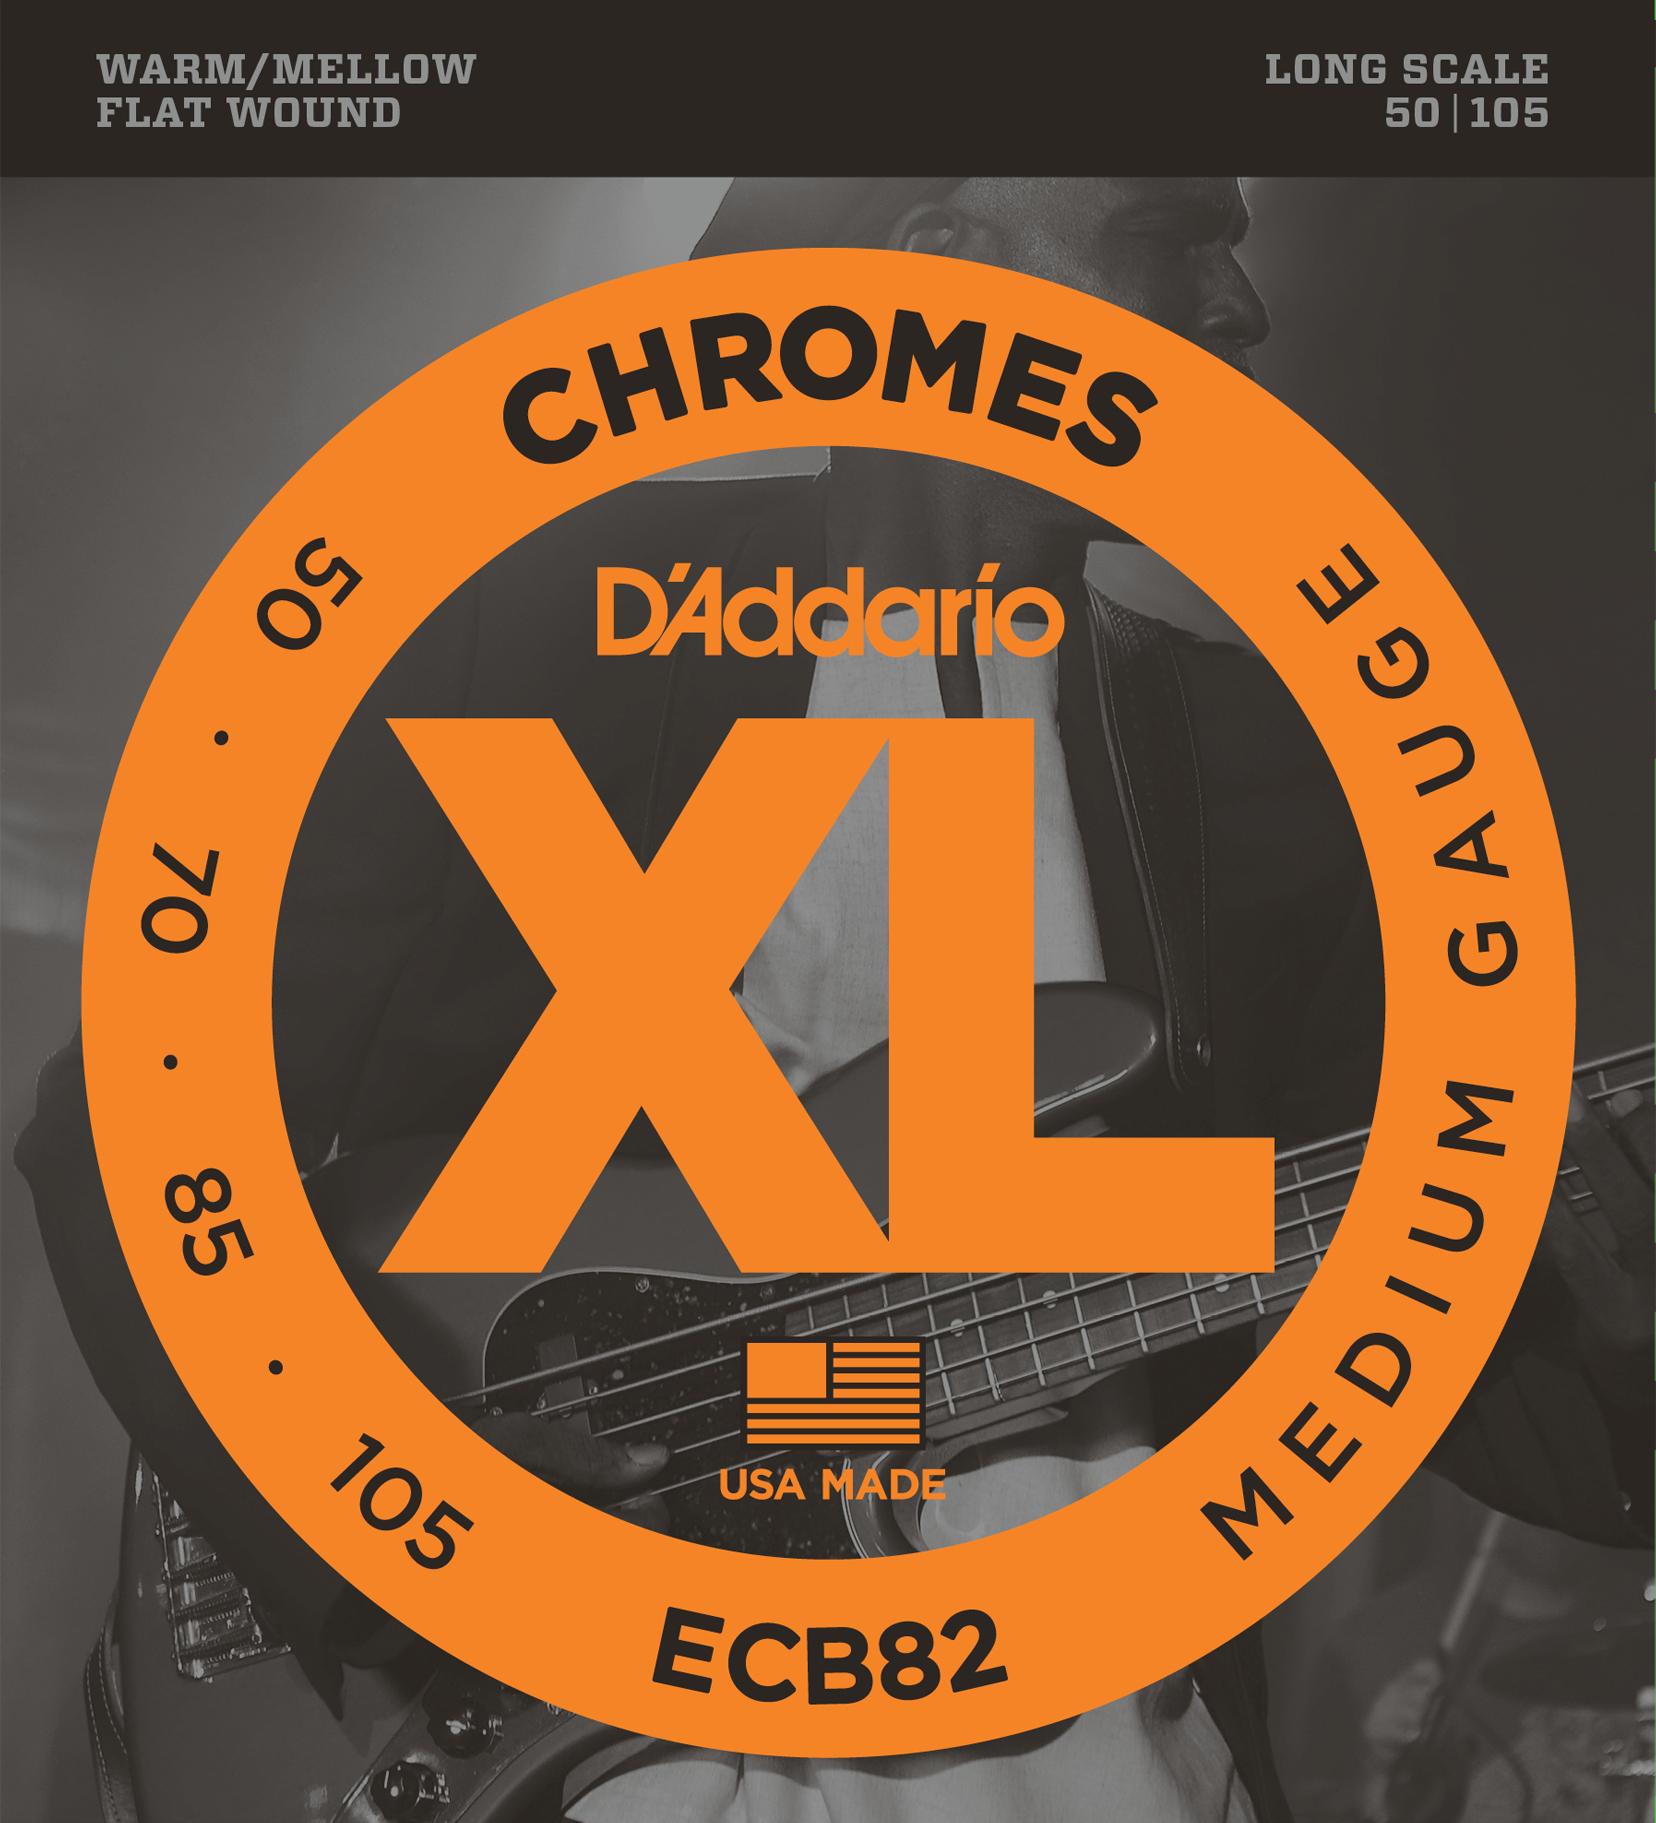 D'Addario ECB82 Chrome FW Medium 50-105